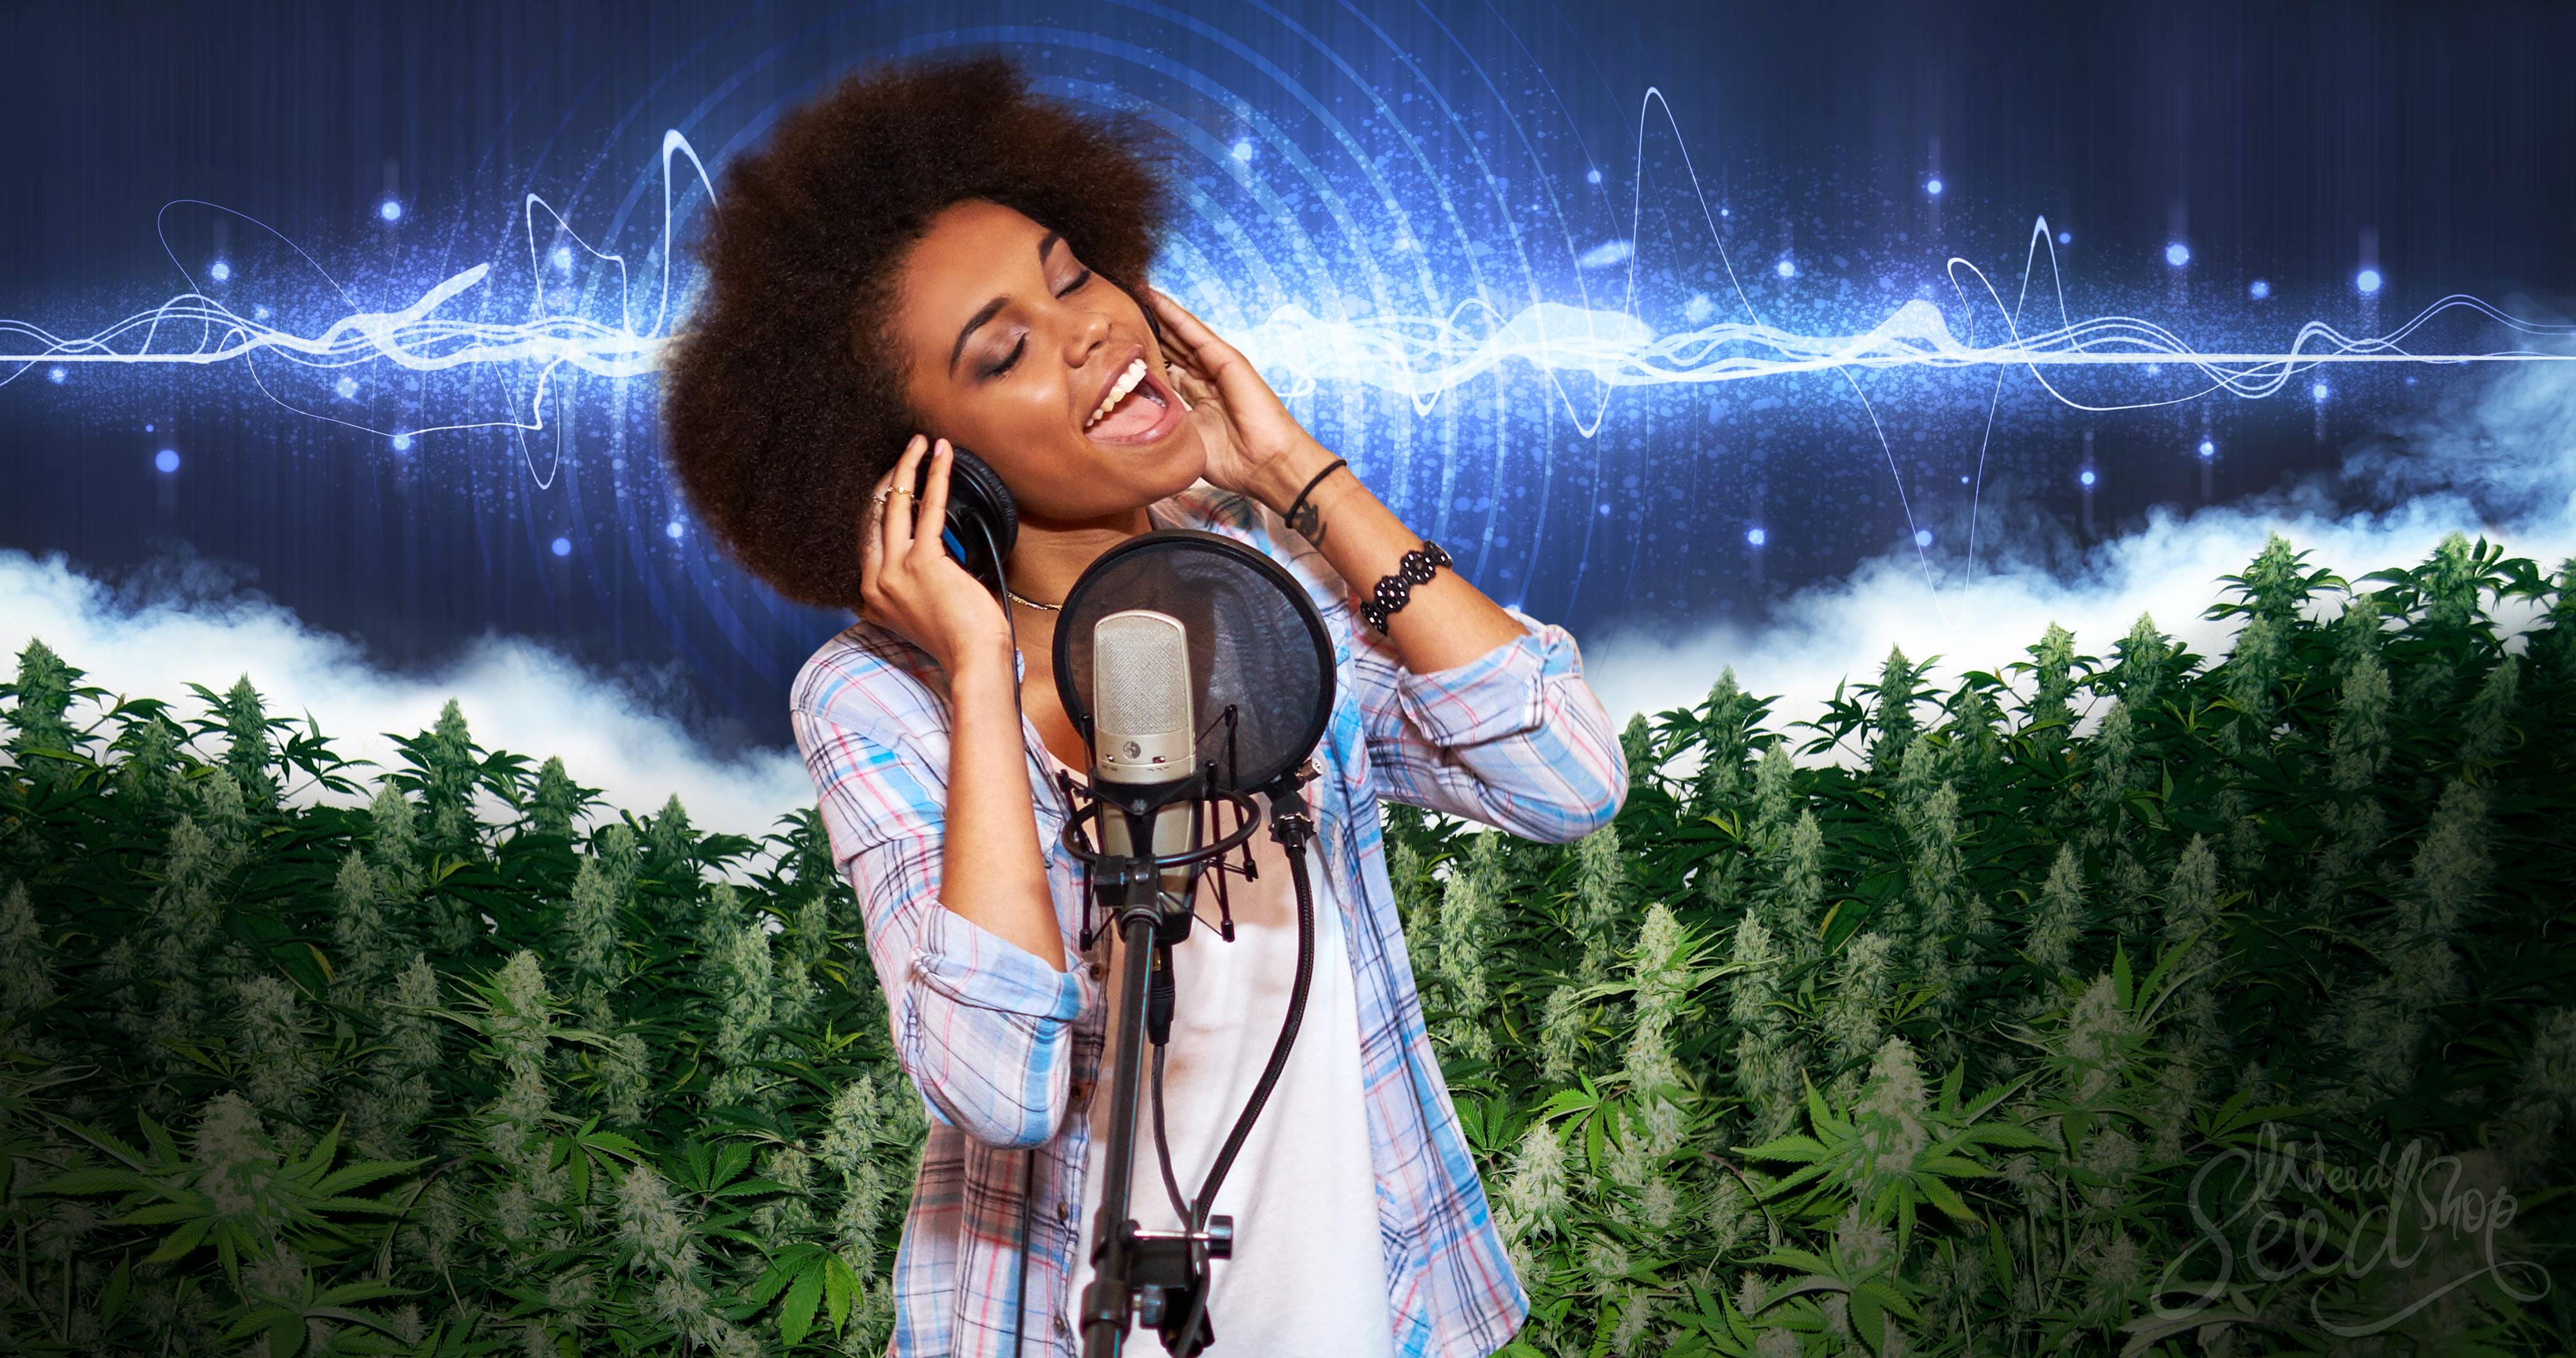 Hilft Singen deinen Marihuana-Pflanzen beim Wachsen?